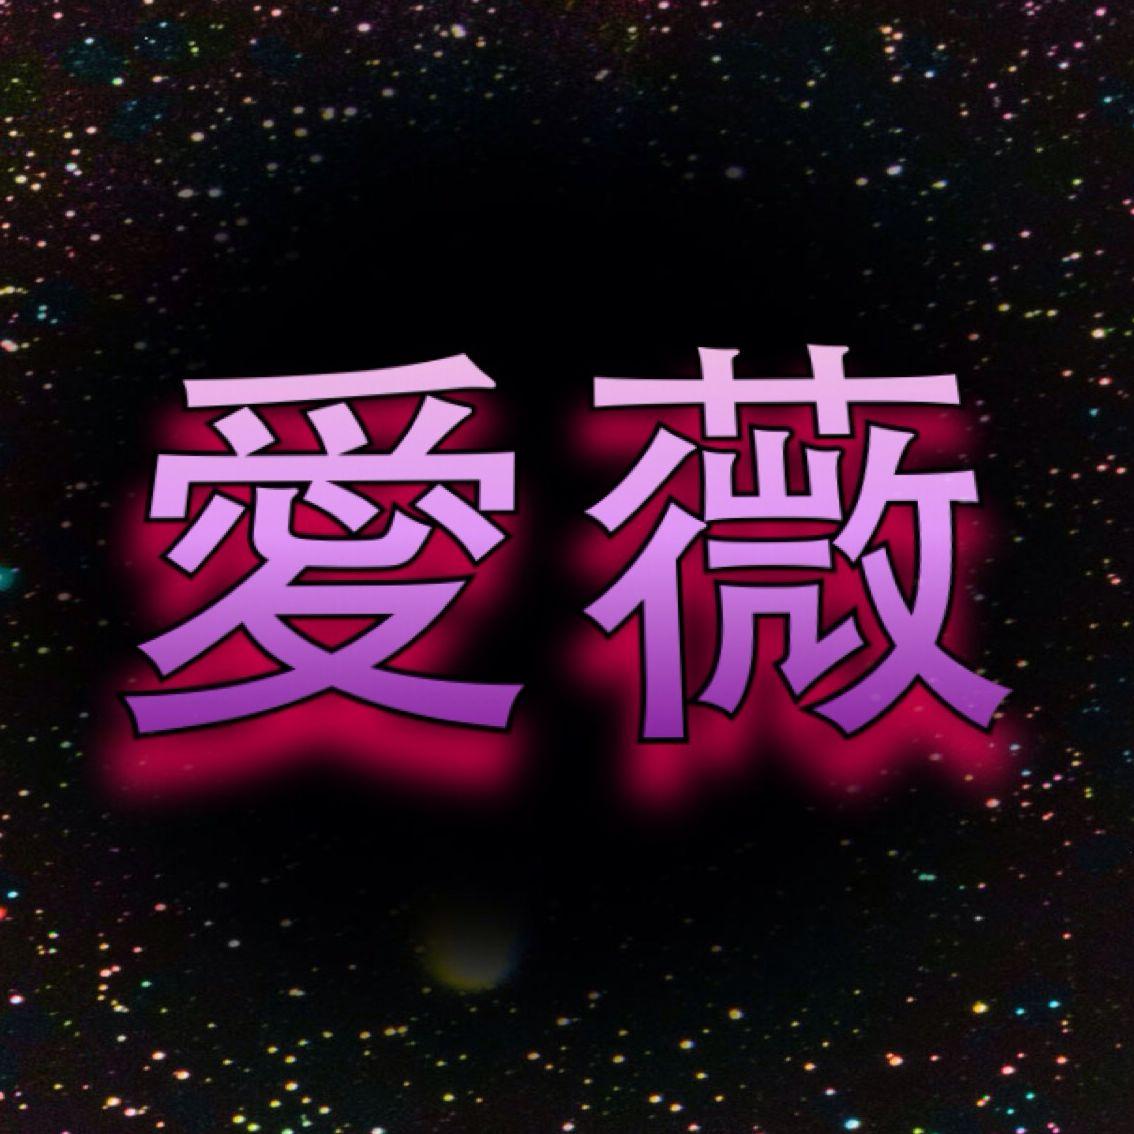 ai_wei